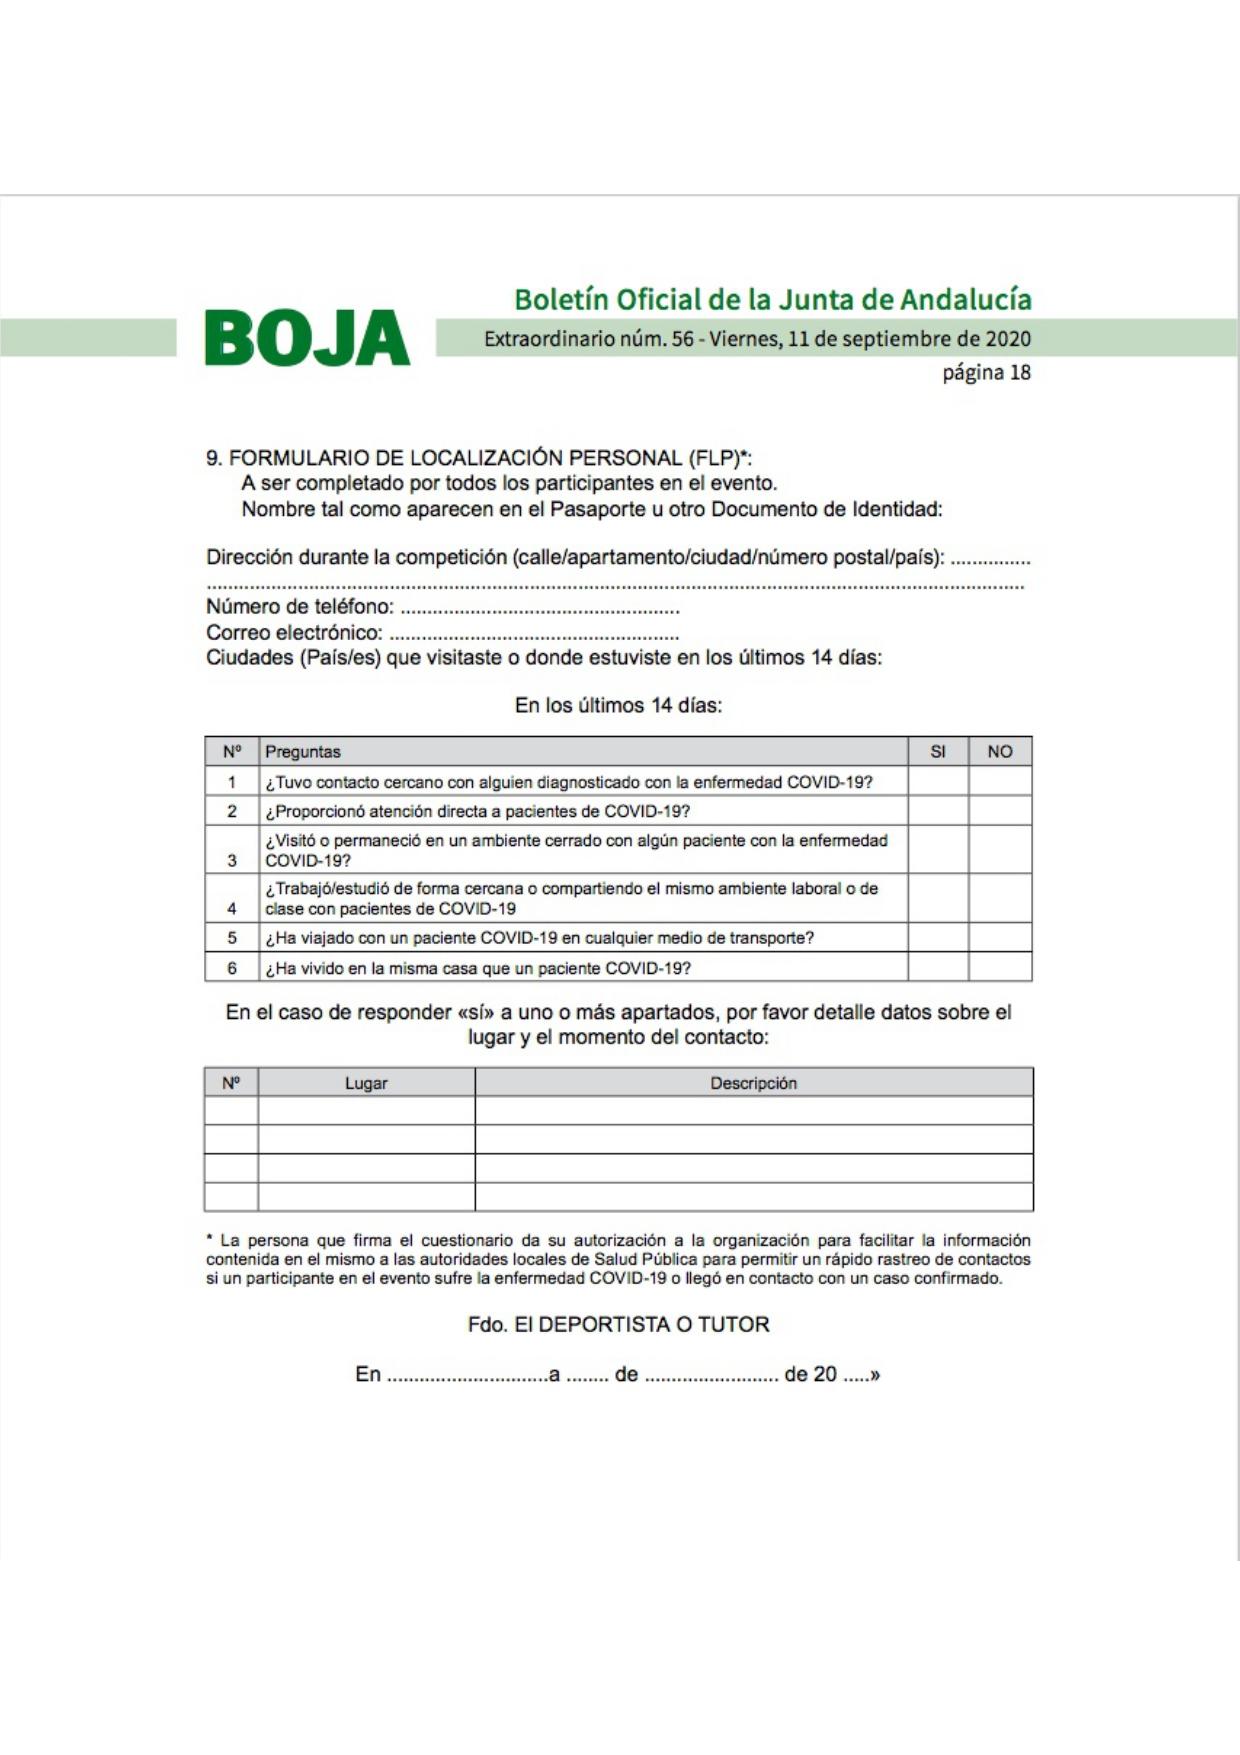 Formulario de Localización Personal (FLP)